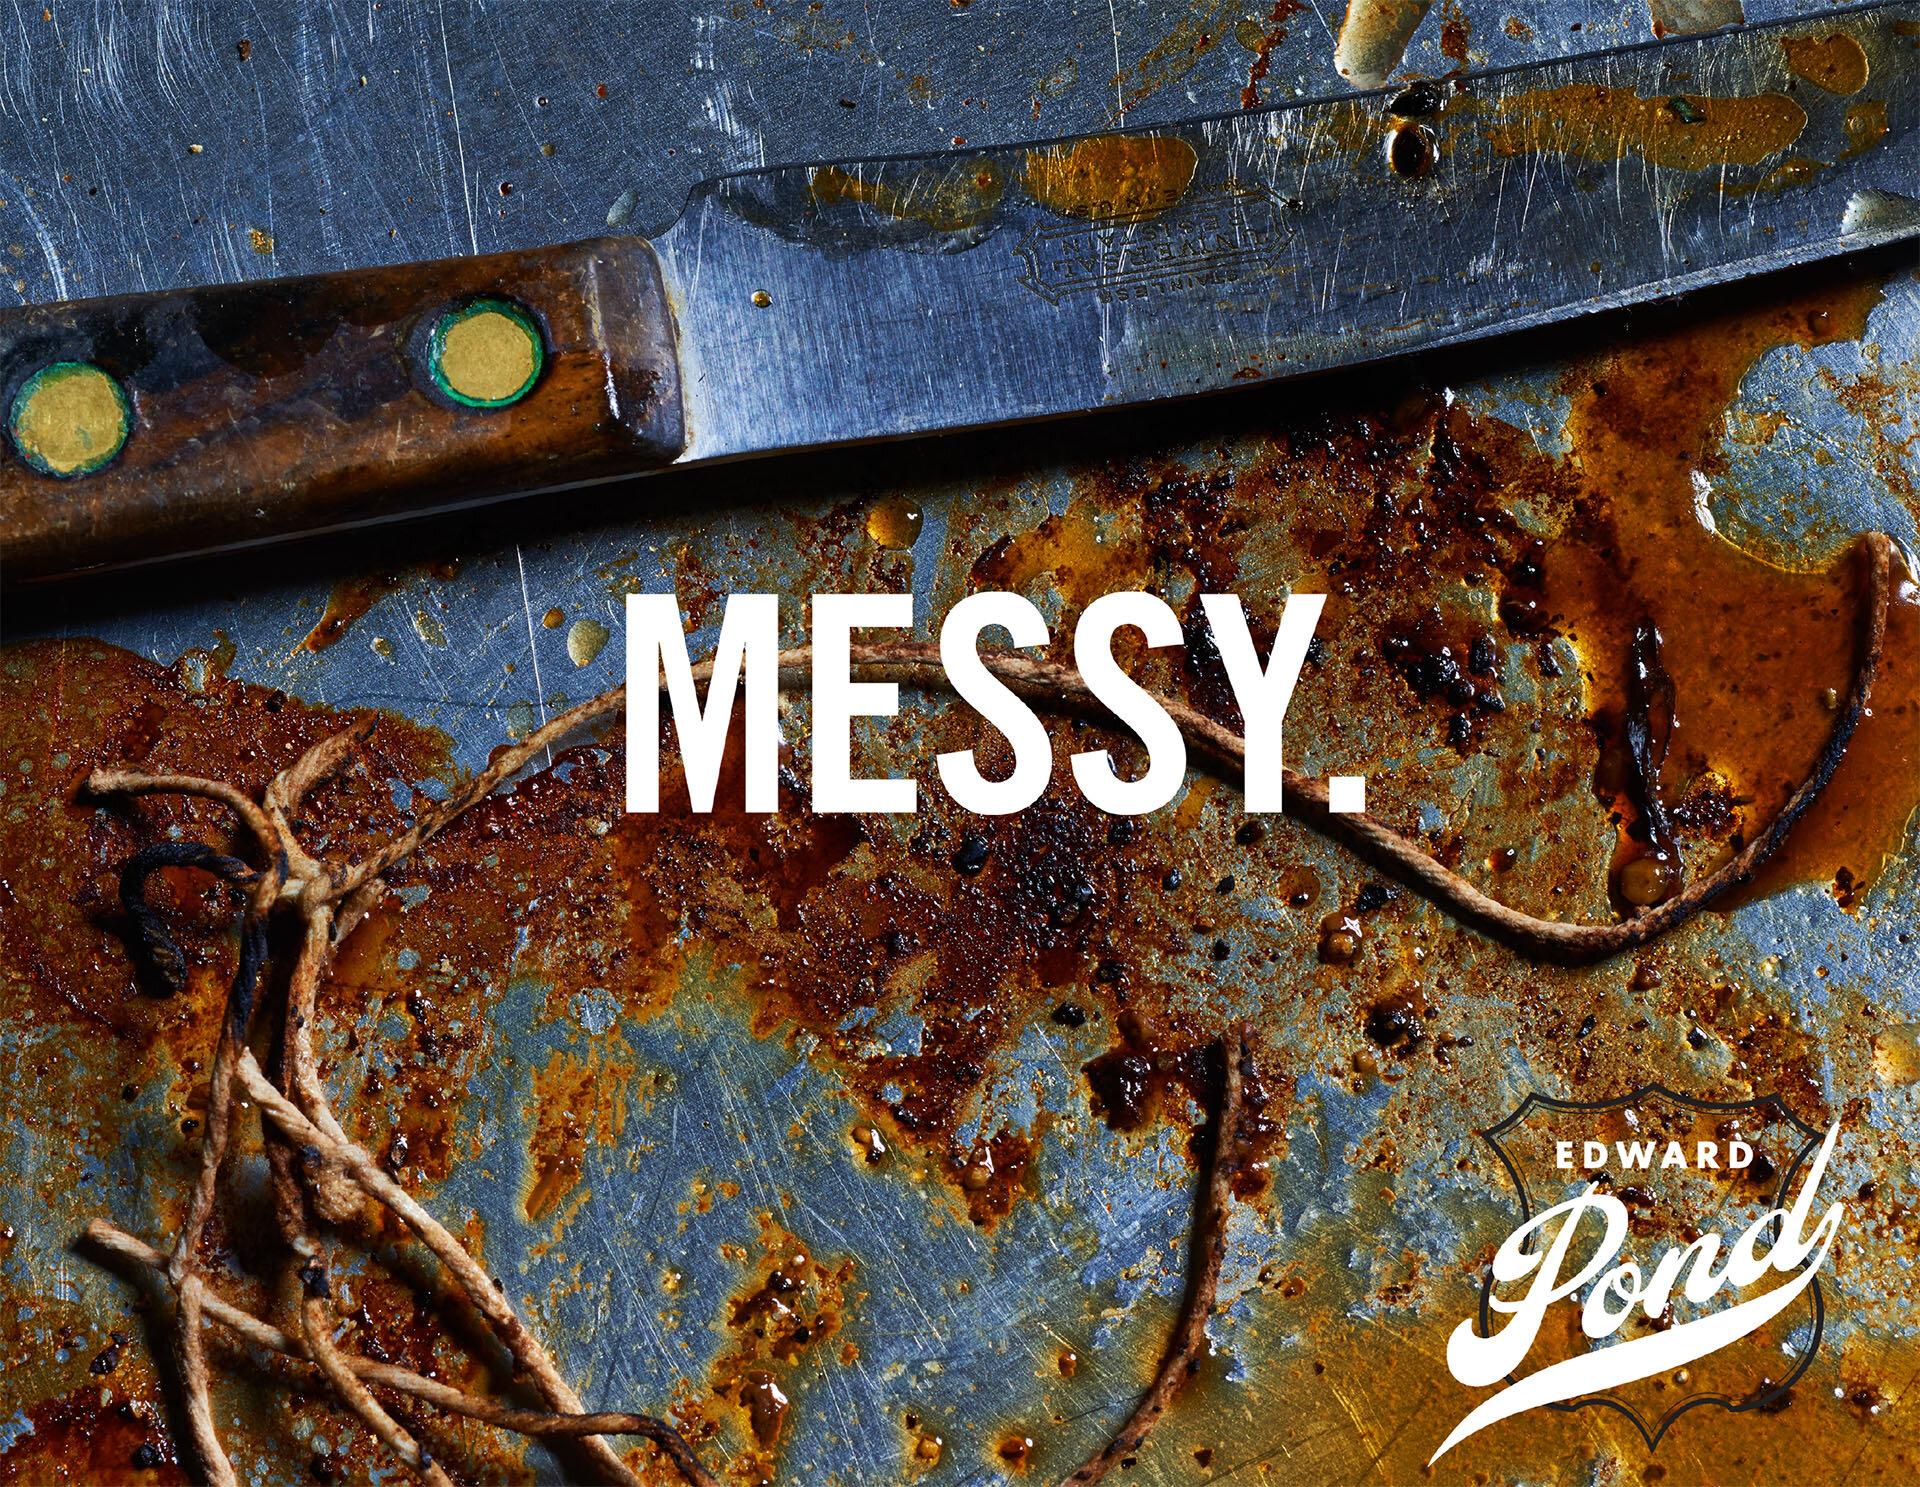 messy 2.jpg